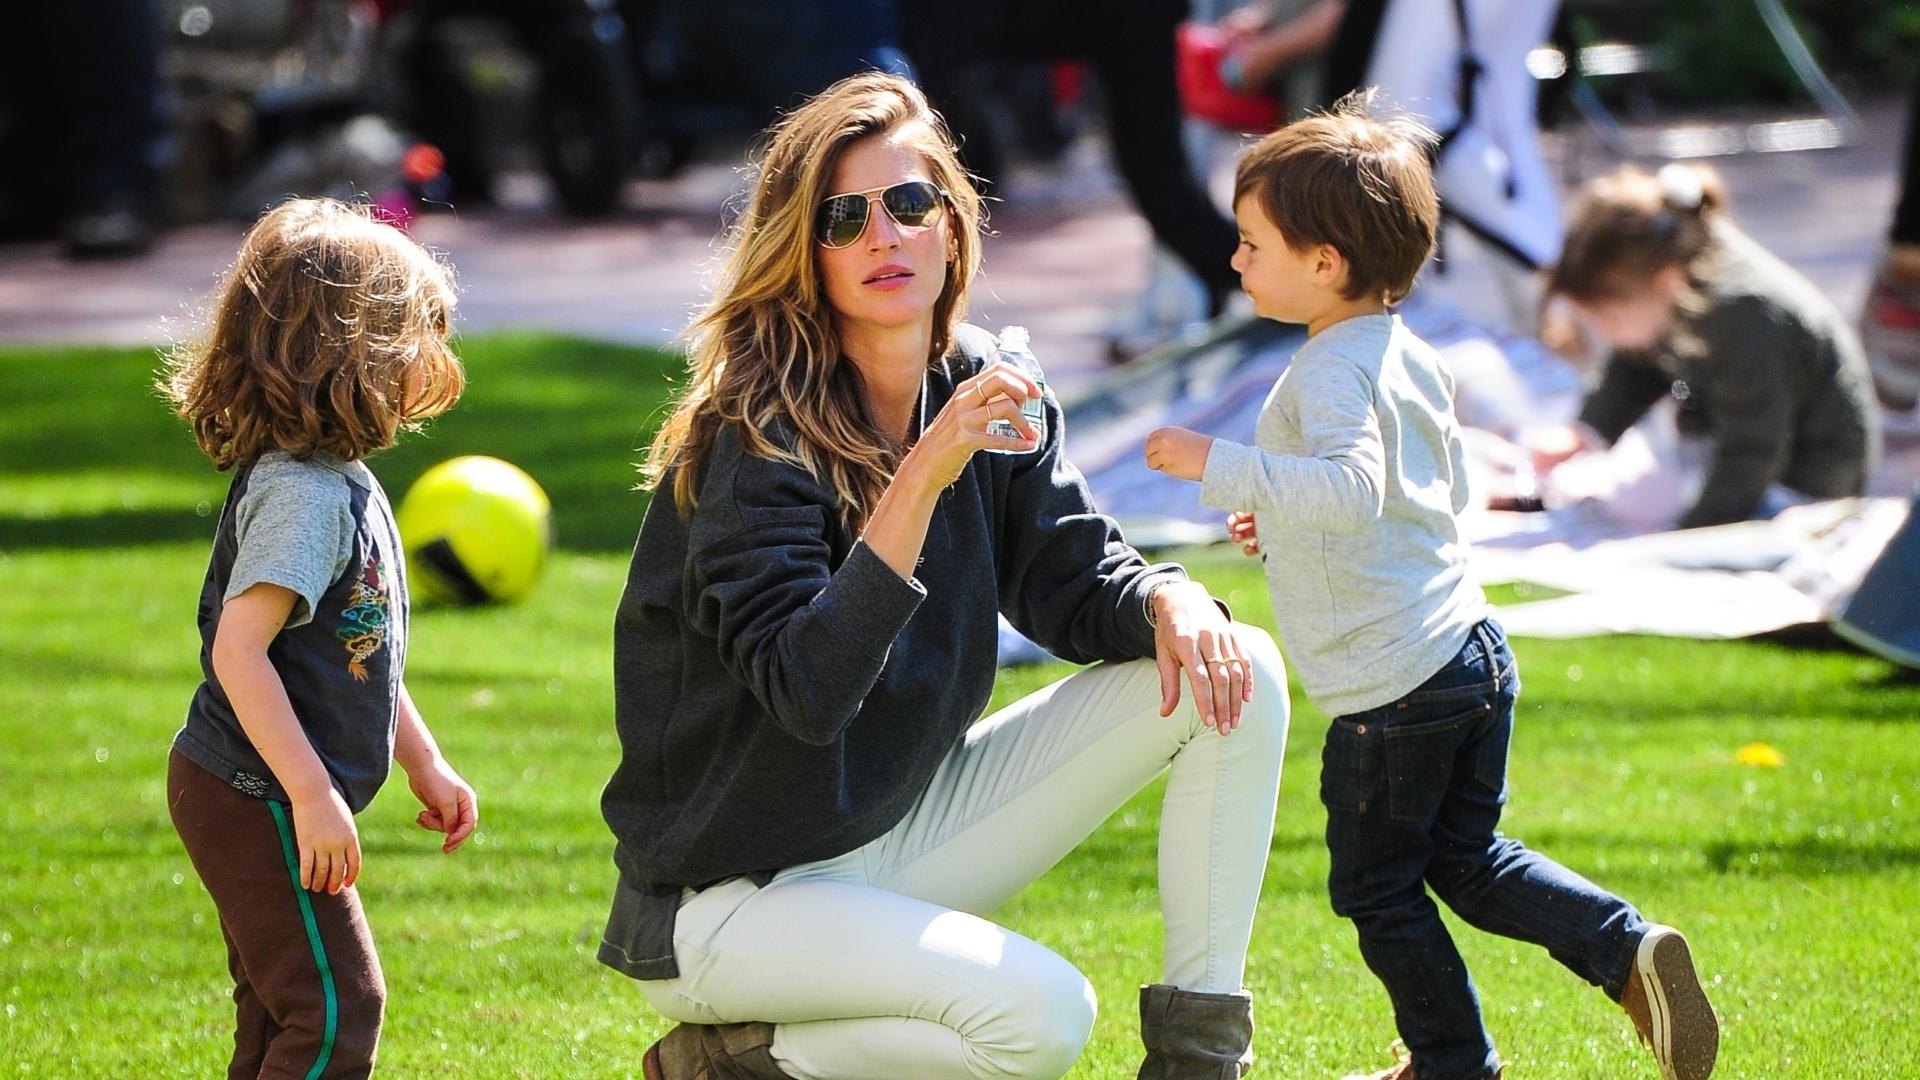 4.mai.2013 - Gisele Bündchen se divertiu com os filhos Benjamin e Vivian (no berço) em um parque em Nova York. A modelo é casada com o jogador Tom Brady